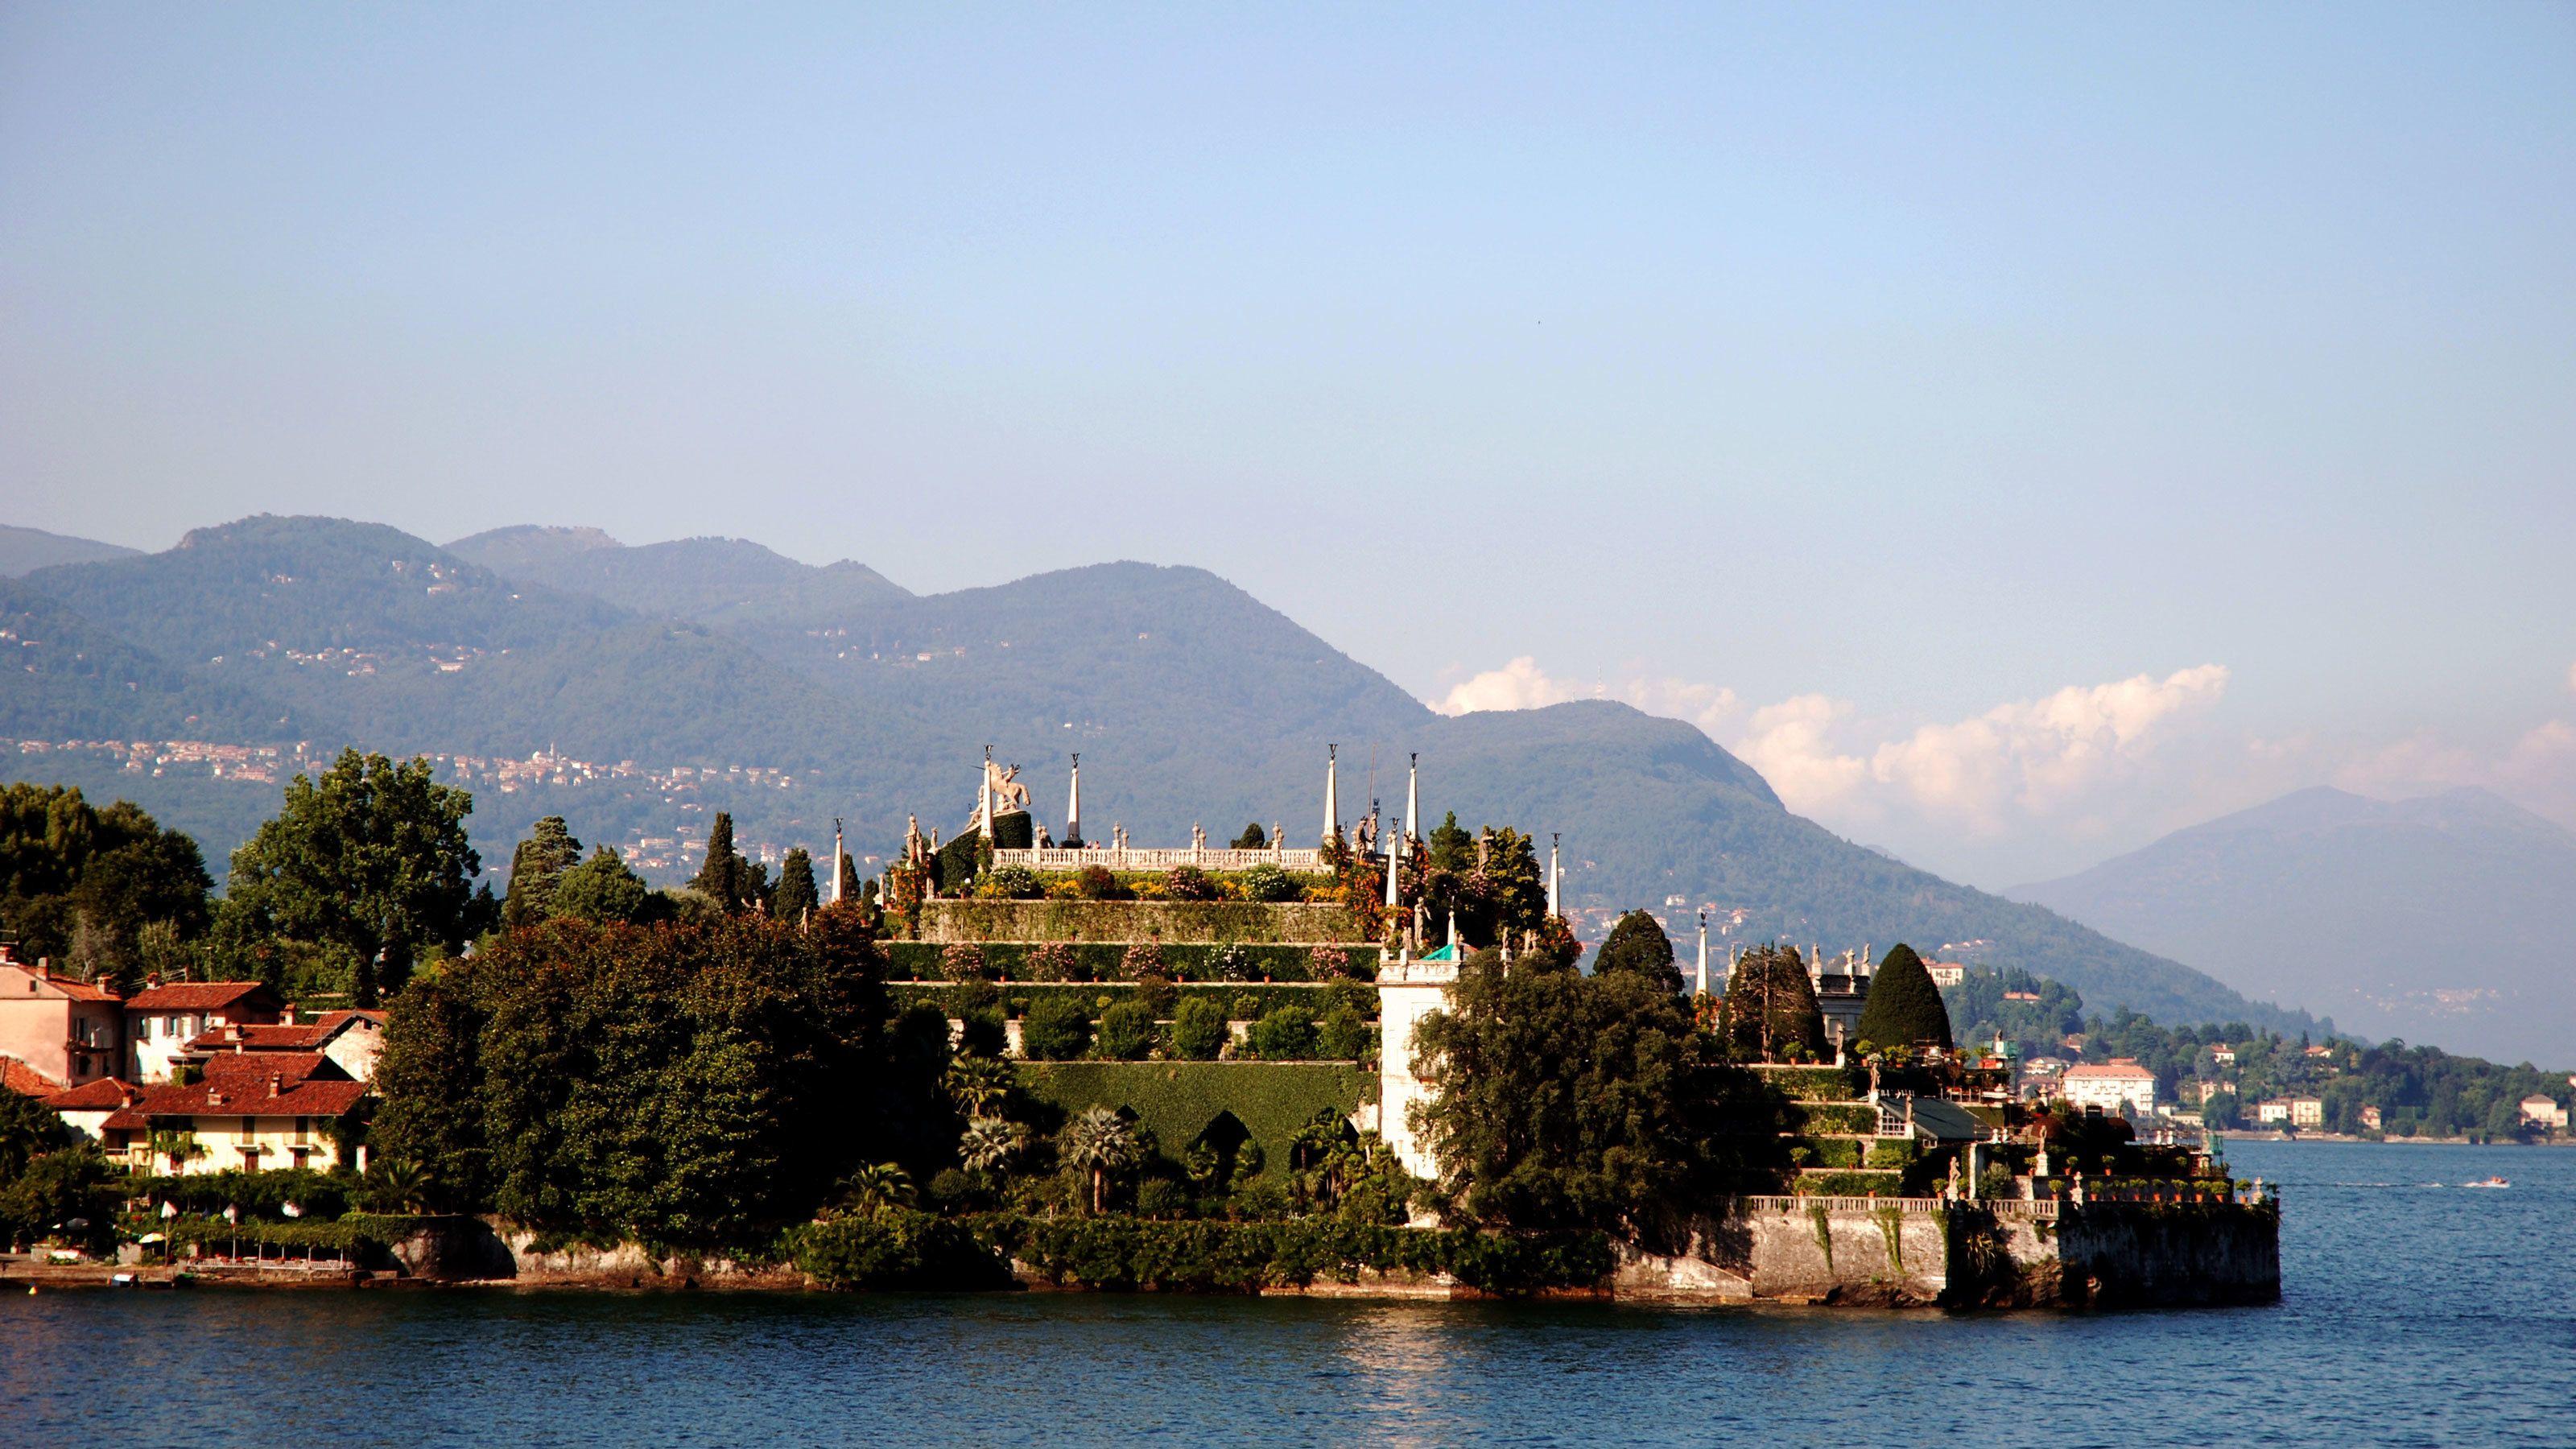 Lake Maggiore near Milan